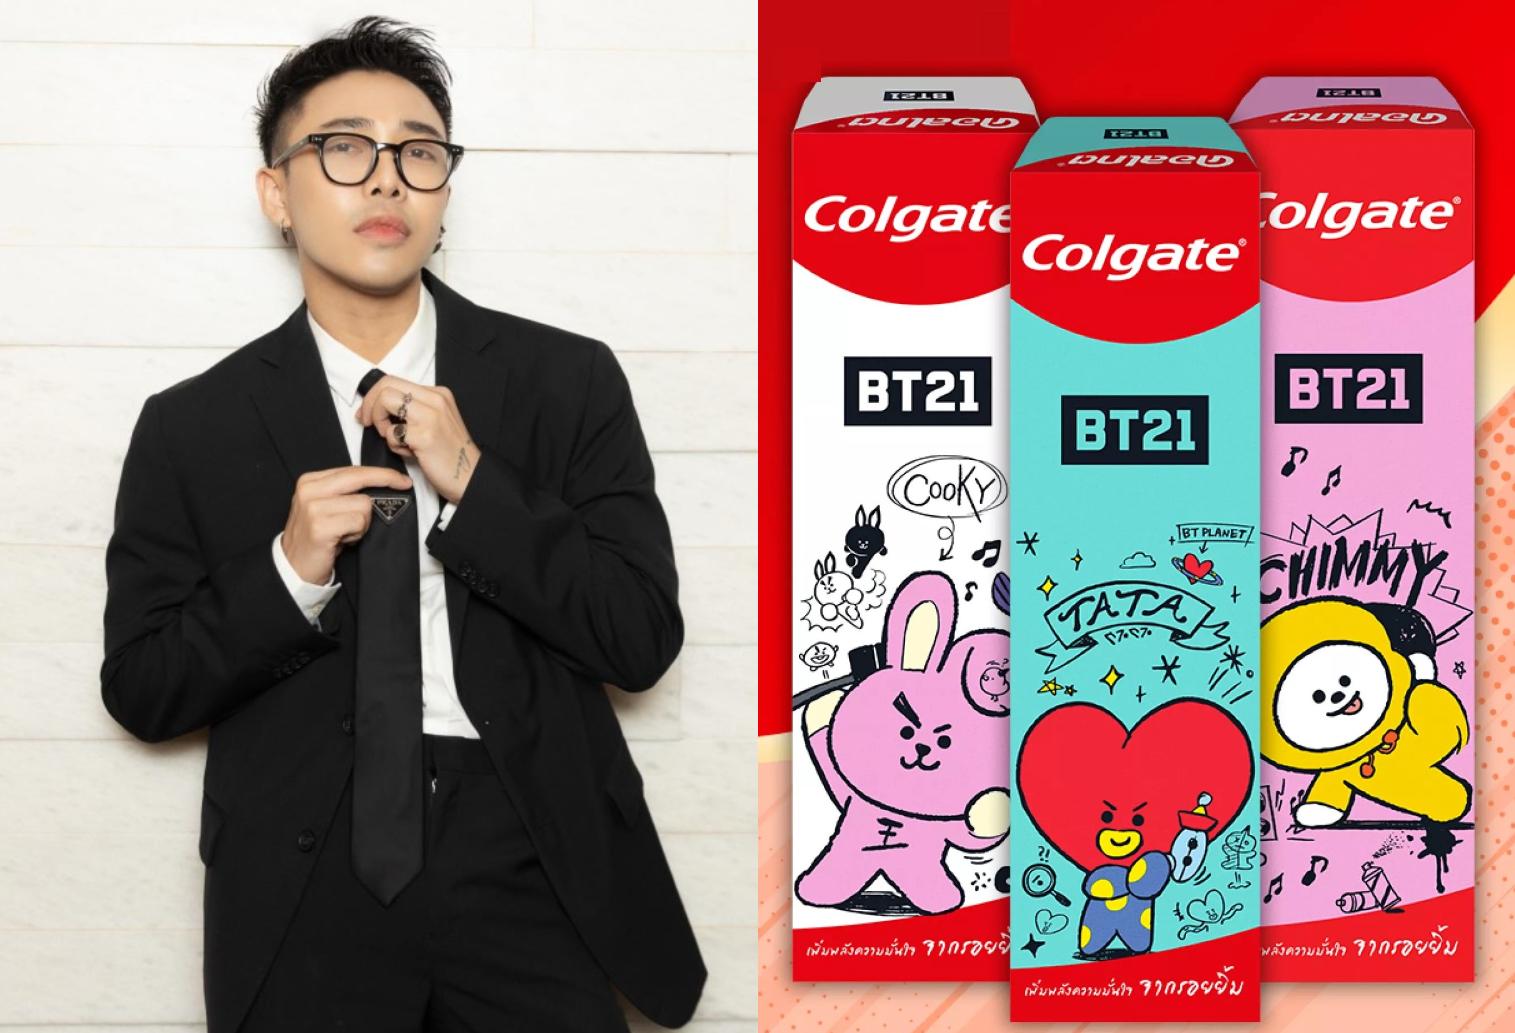 Với các fan của nhóm nhạc Hàn Quốc BTS, bộ sưu tập giới hạn BT21 kết hợp cùng các nhãn hàng không còn xa lạ. Hầu hết những sản phẩm có sự xuất hiện của các nhân vật Koya, RJ, Shooky, Mang, Chimmy, Tata và Cooky từ BT21 đều nhanh chóng cháy hàng. Trong lễ hội mua sắm hè lần này, stylist Hoàng Ku đã sắm kịp một bộ ba kem đánh răng phiên bản giới hạn Colgate x BT21, mở bán độc quyền trên Lazada và tặng kèm ly tumbler Colgate tiện dụng.